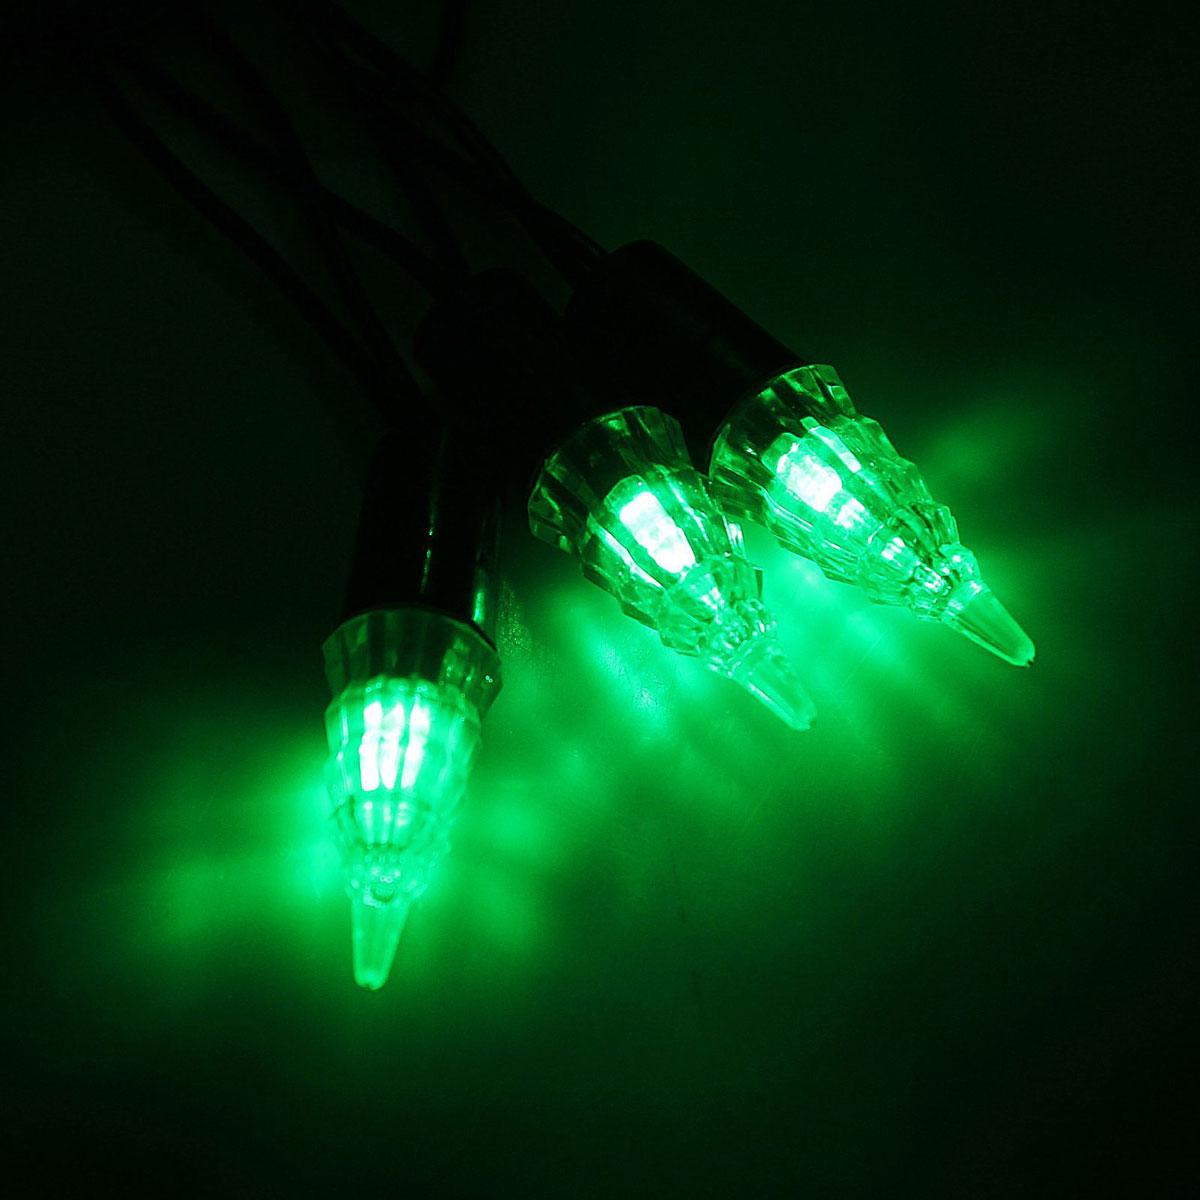 Гирлянда светодиодная Luazon Метраж. Конус, уличная с насадкой, фиксинг, 40 ламп, 220 V, 5 м, цвет: зеленый. 10800571080057Светодиодные гирлянды, ленты и т.д. — это отличный вариант для новогоднего оформления интерьера или фасада. С их помощью помещение любого размера можно превратить в праздничный зал, а внешние элементы зданий, украшенные ими, мгновенно станут напоминать очертания сказочного дворца. Такие украшения создают ауру предвкушения чуда. Деревья, фасады, витрины, окна и арки будто специально созданы, чтобы вы украсили их светящимися нитями.